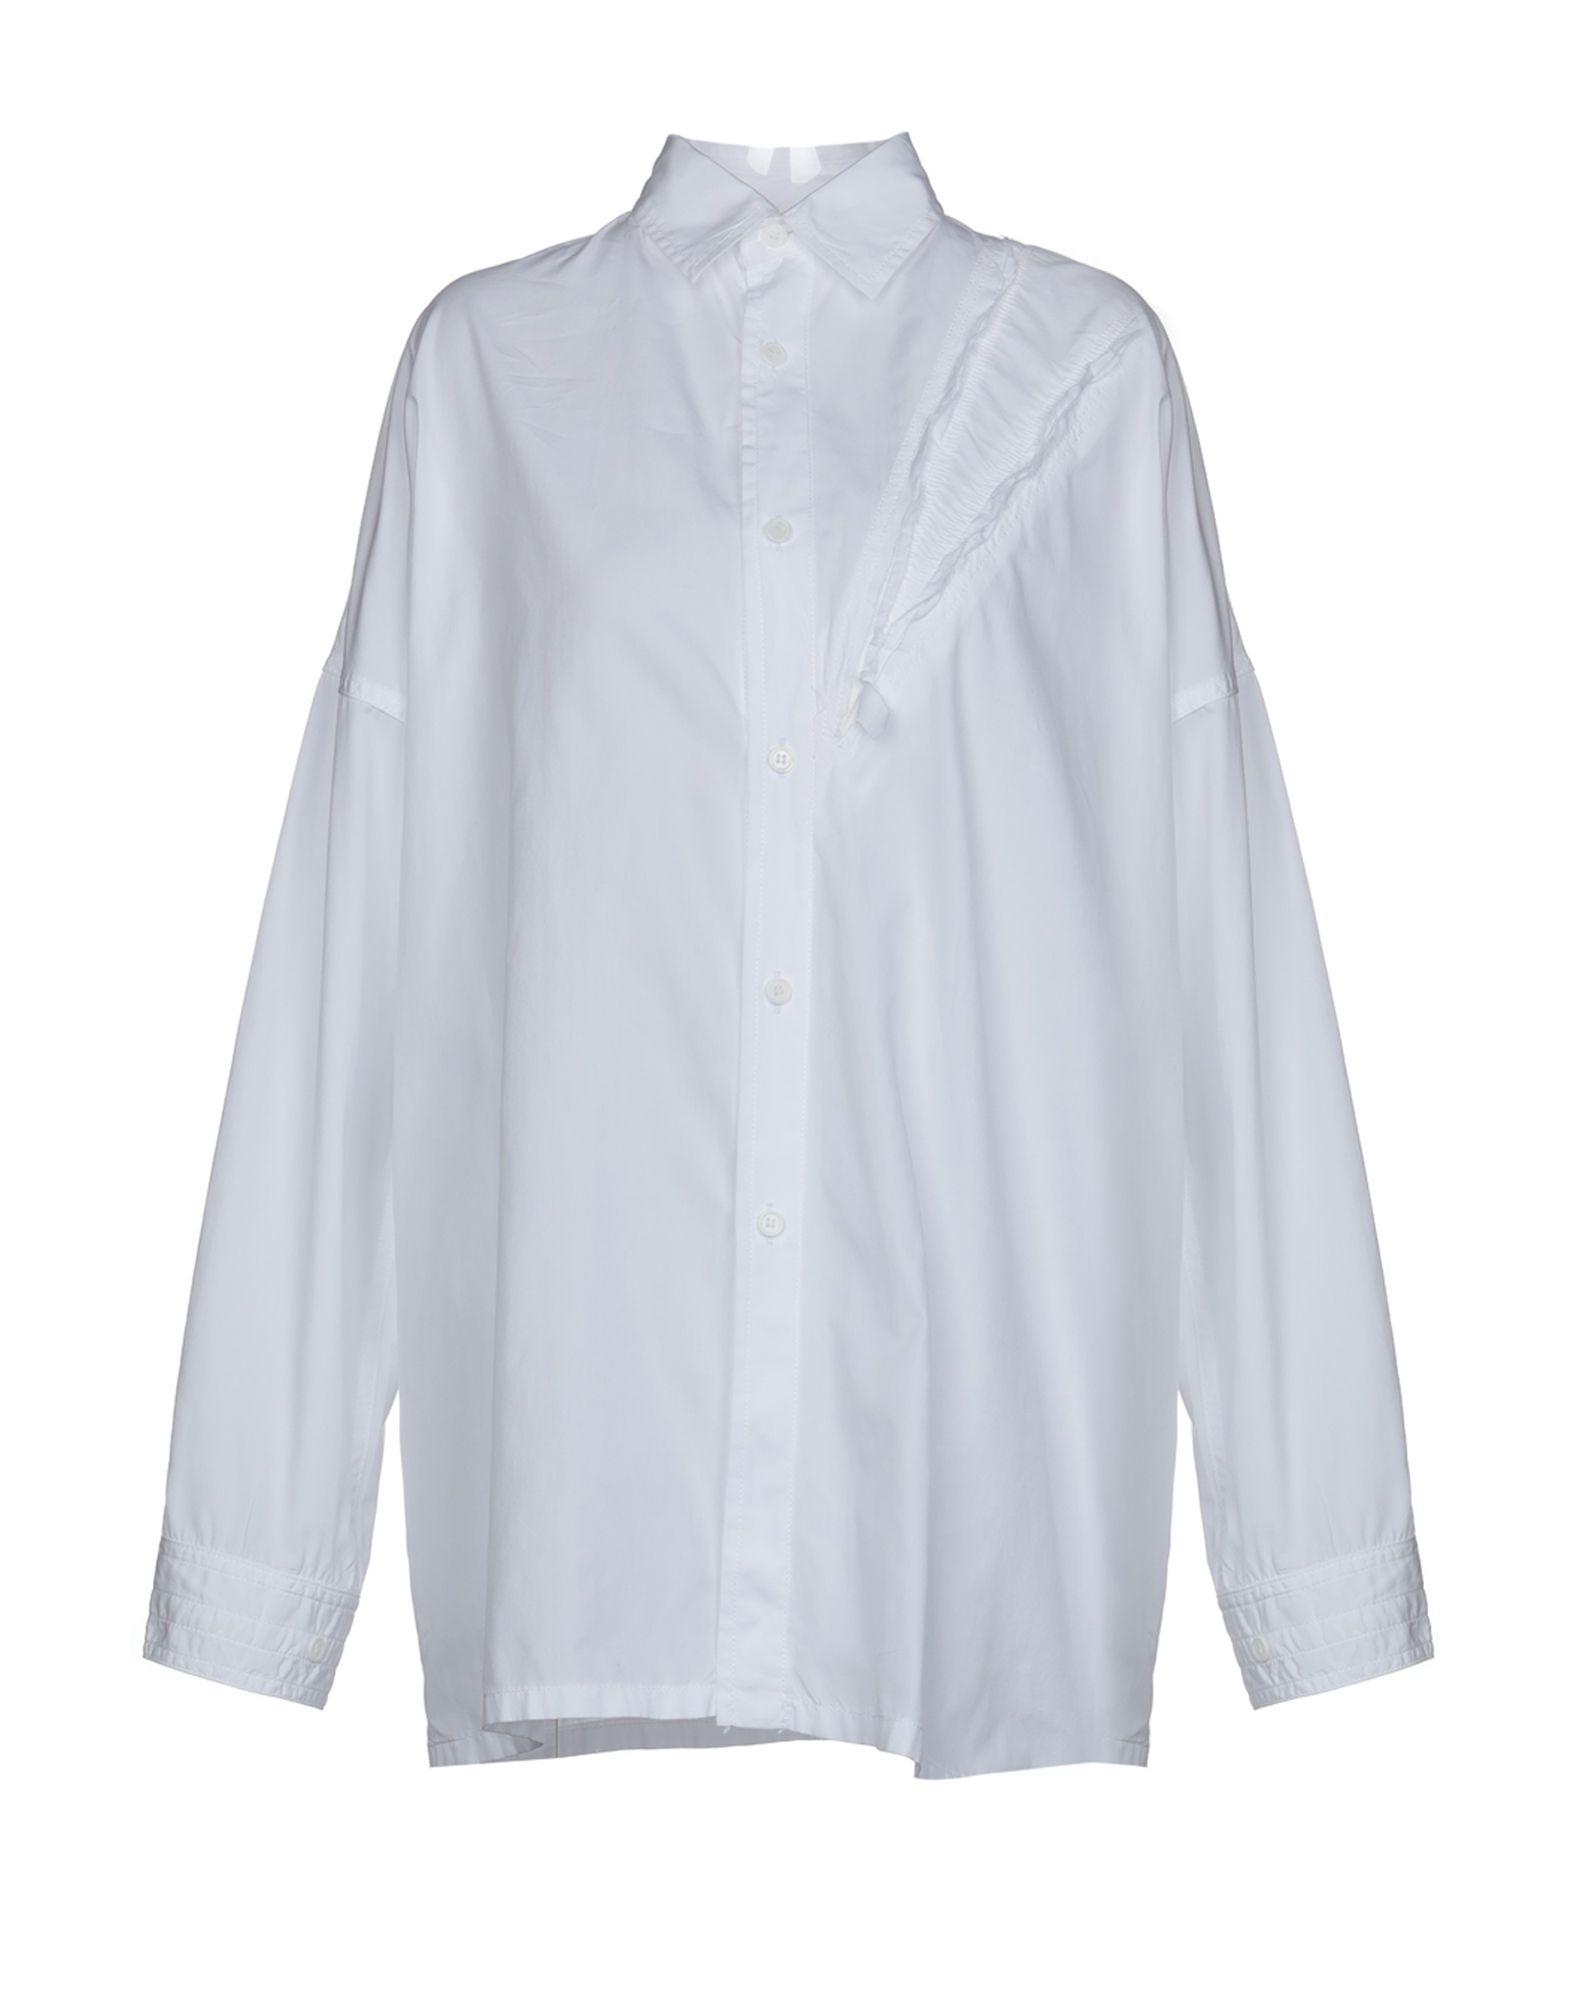 B YOHJI YAMAMOTO Pубашка b yohji yamamoto короткое платье